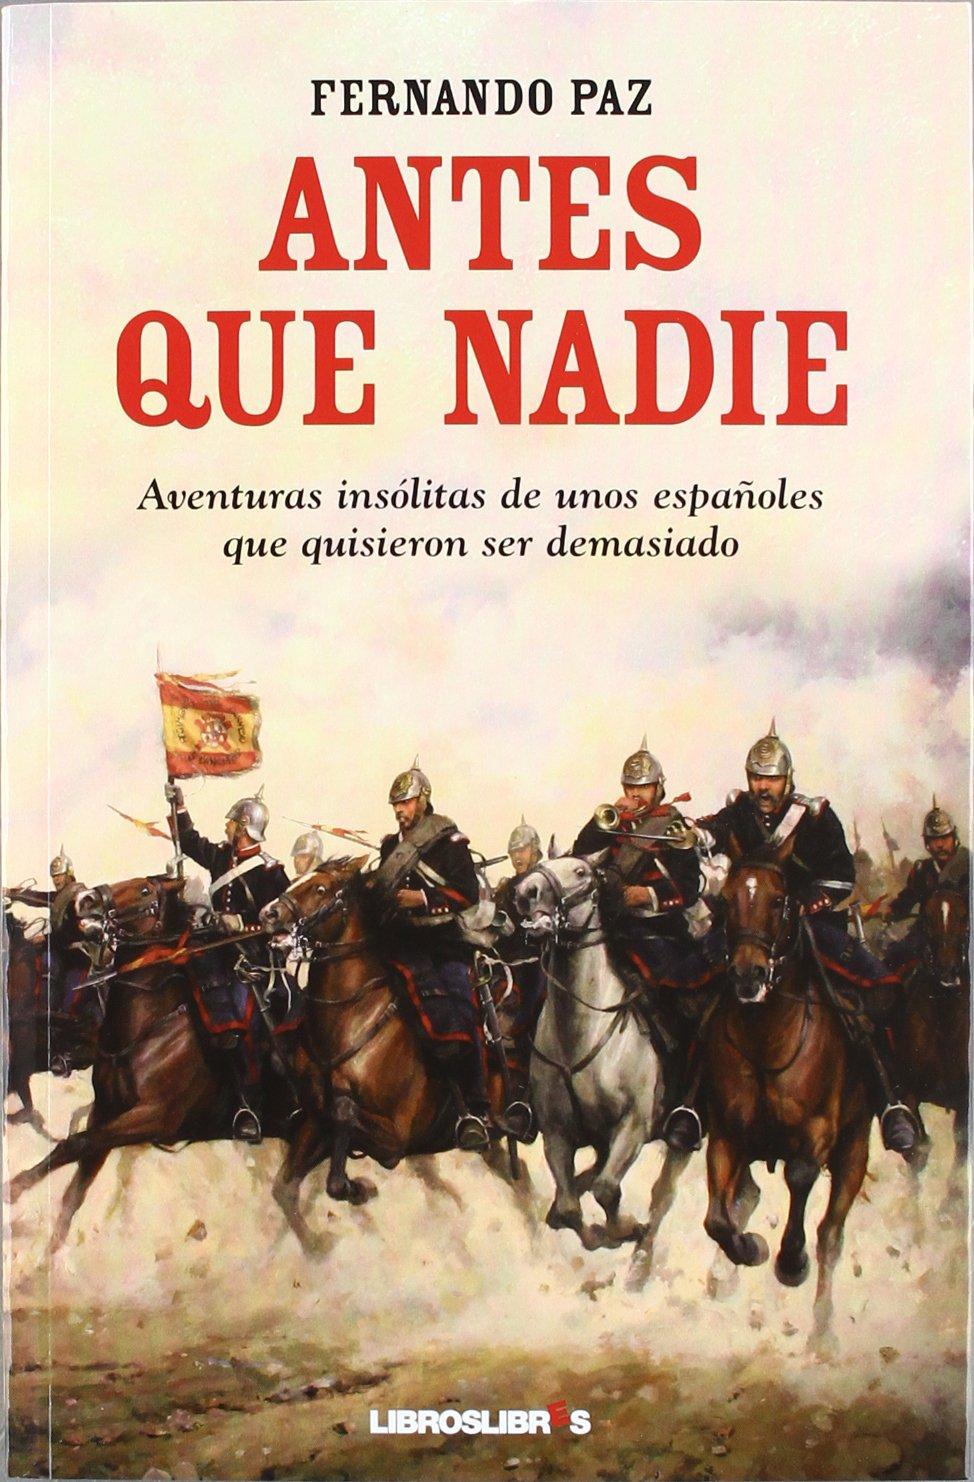 Antes que nadie: Aventuras insólitas de unos españoles que quisieron ser demasiado Tapa blanda – 4 may 2012 Fernando Paz LIBROSLIBRES 8492654996 European history